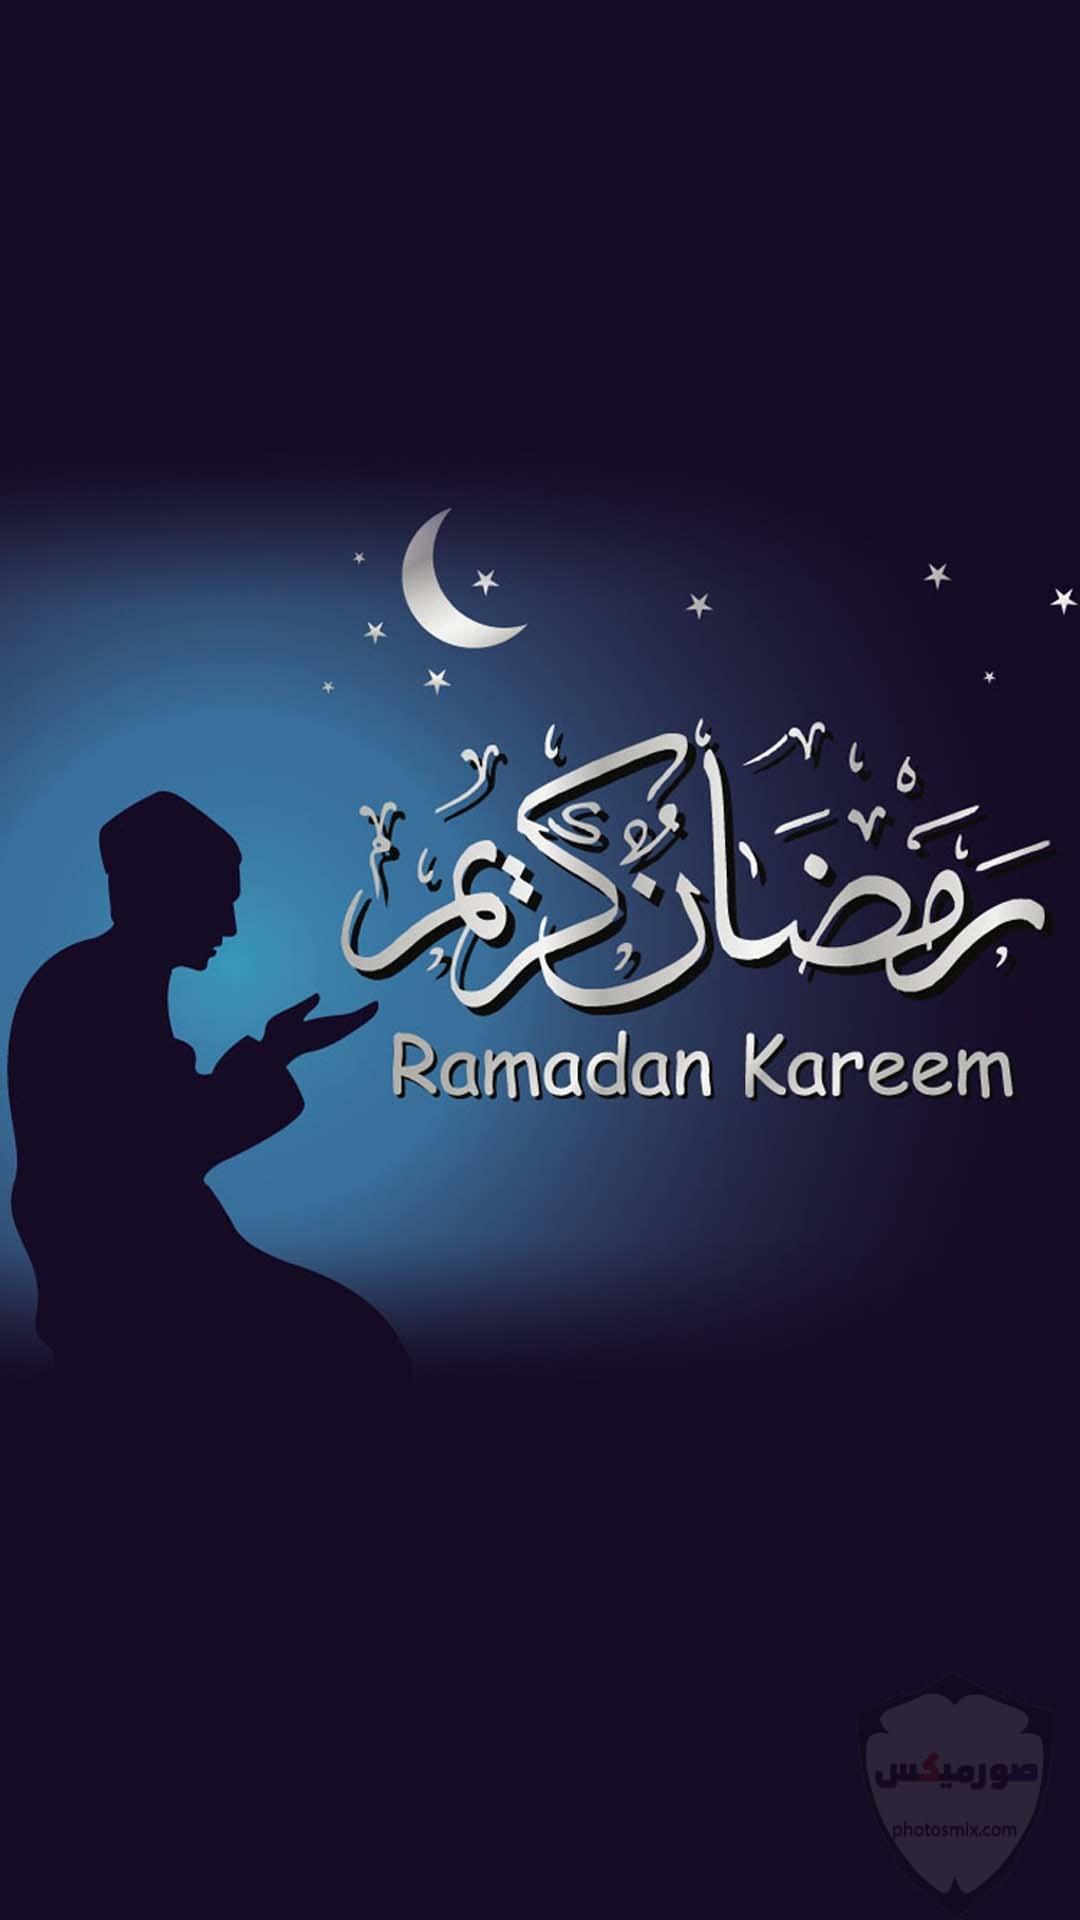 صور رمضان 2020 اجمل صور فوانيس وادعية رمضان 18